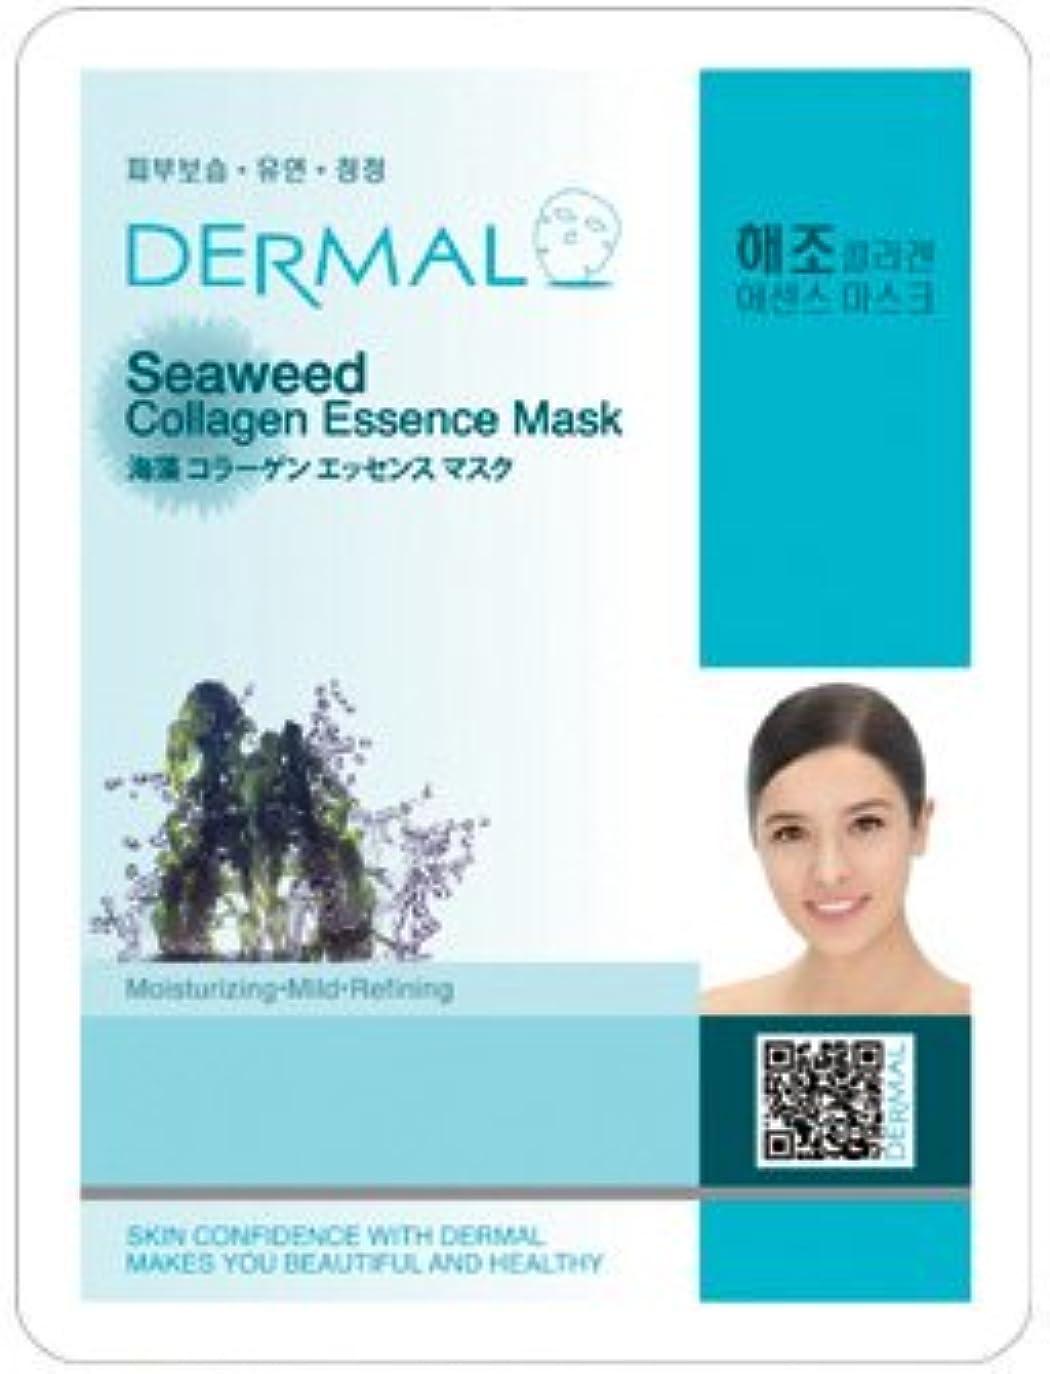 ヒロインレンド道徳のシートマスク 海藻 100枚セット ダーマル(Dermal) フェイス パック